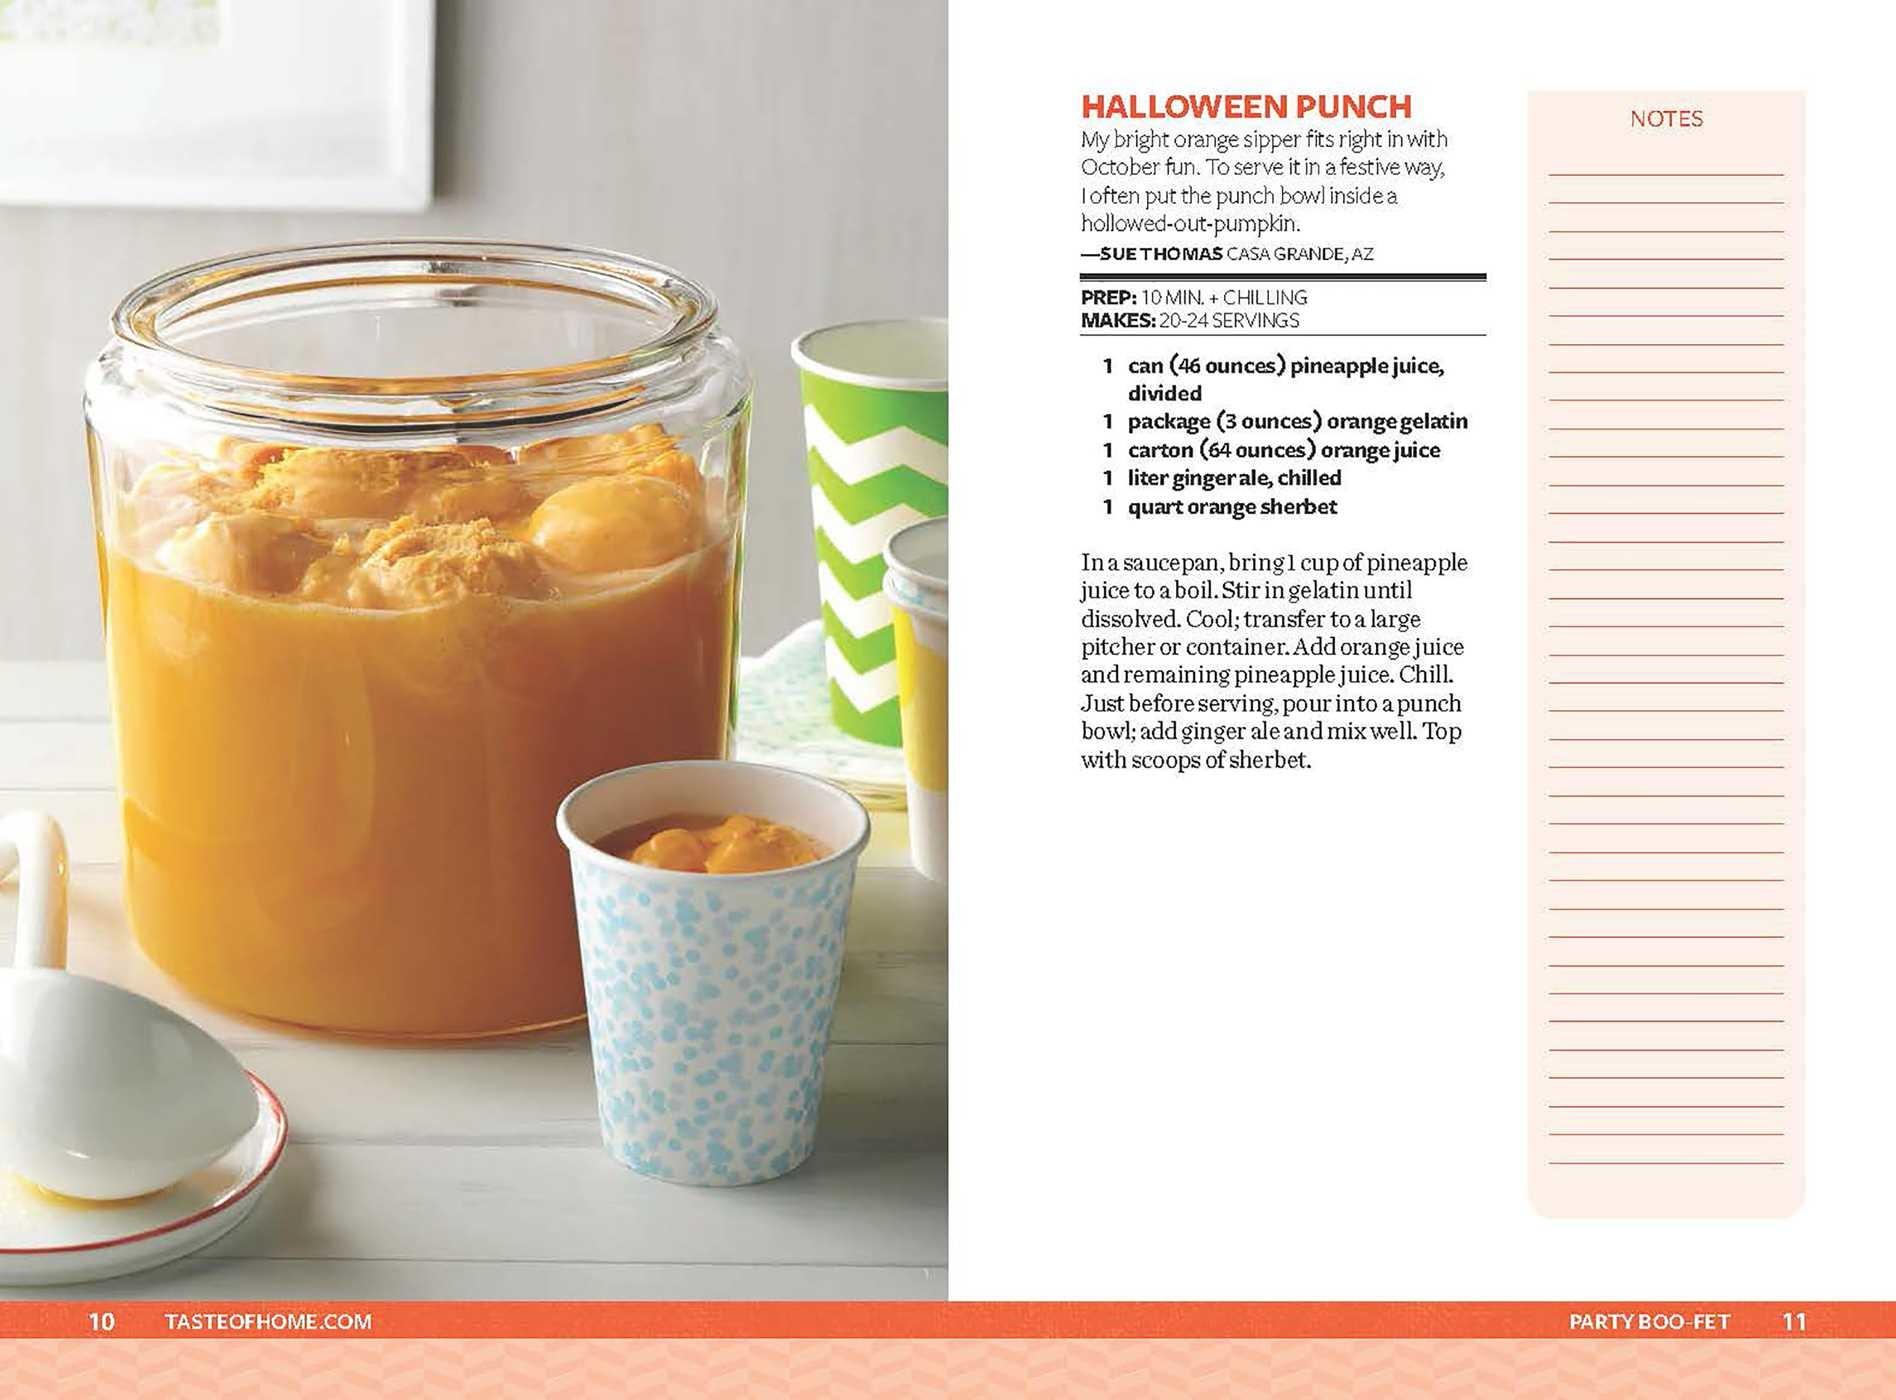 Taste of home halloween mini binder 9781617657689.in03